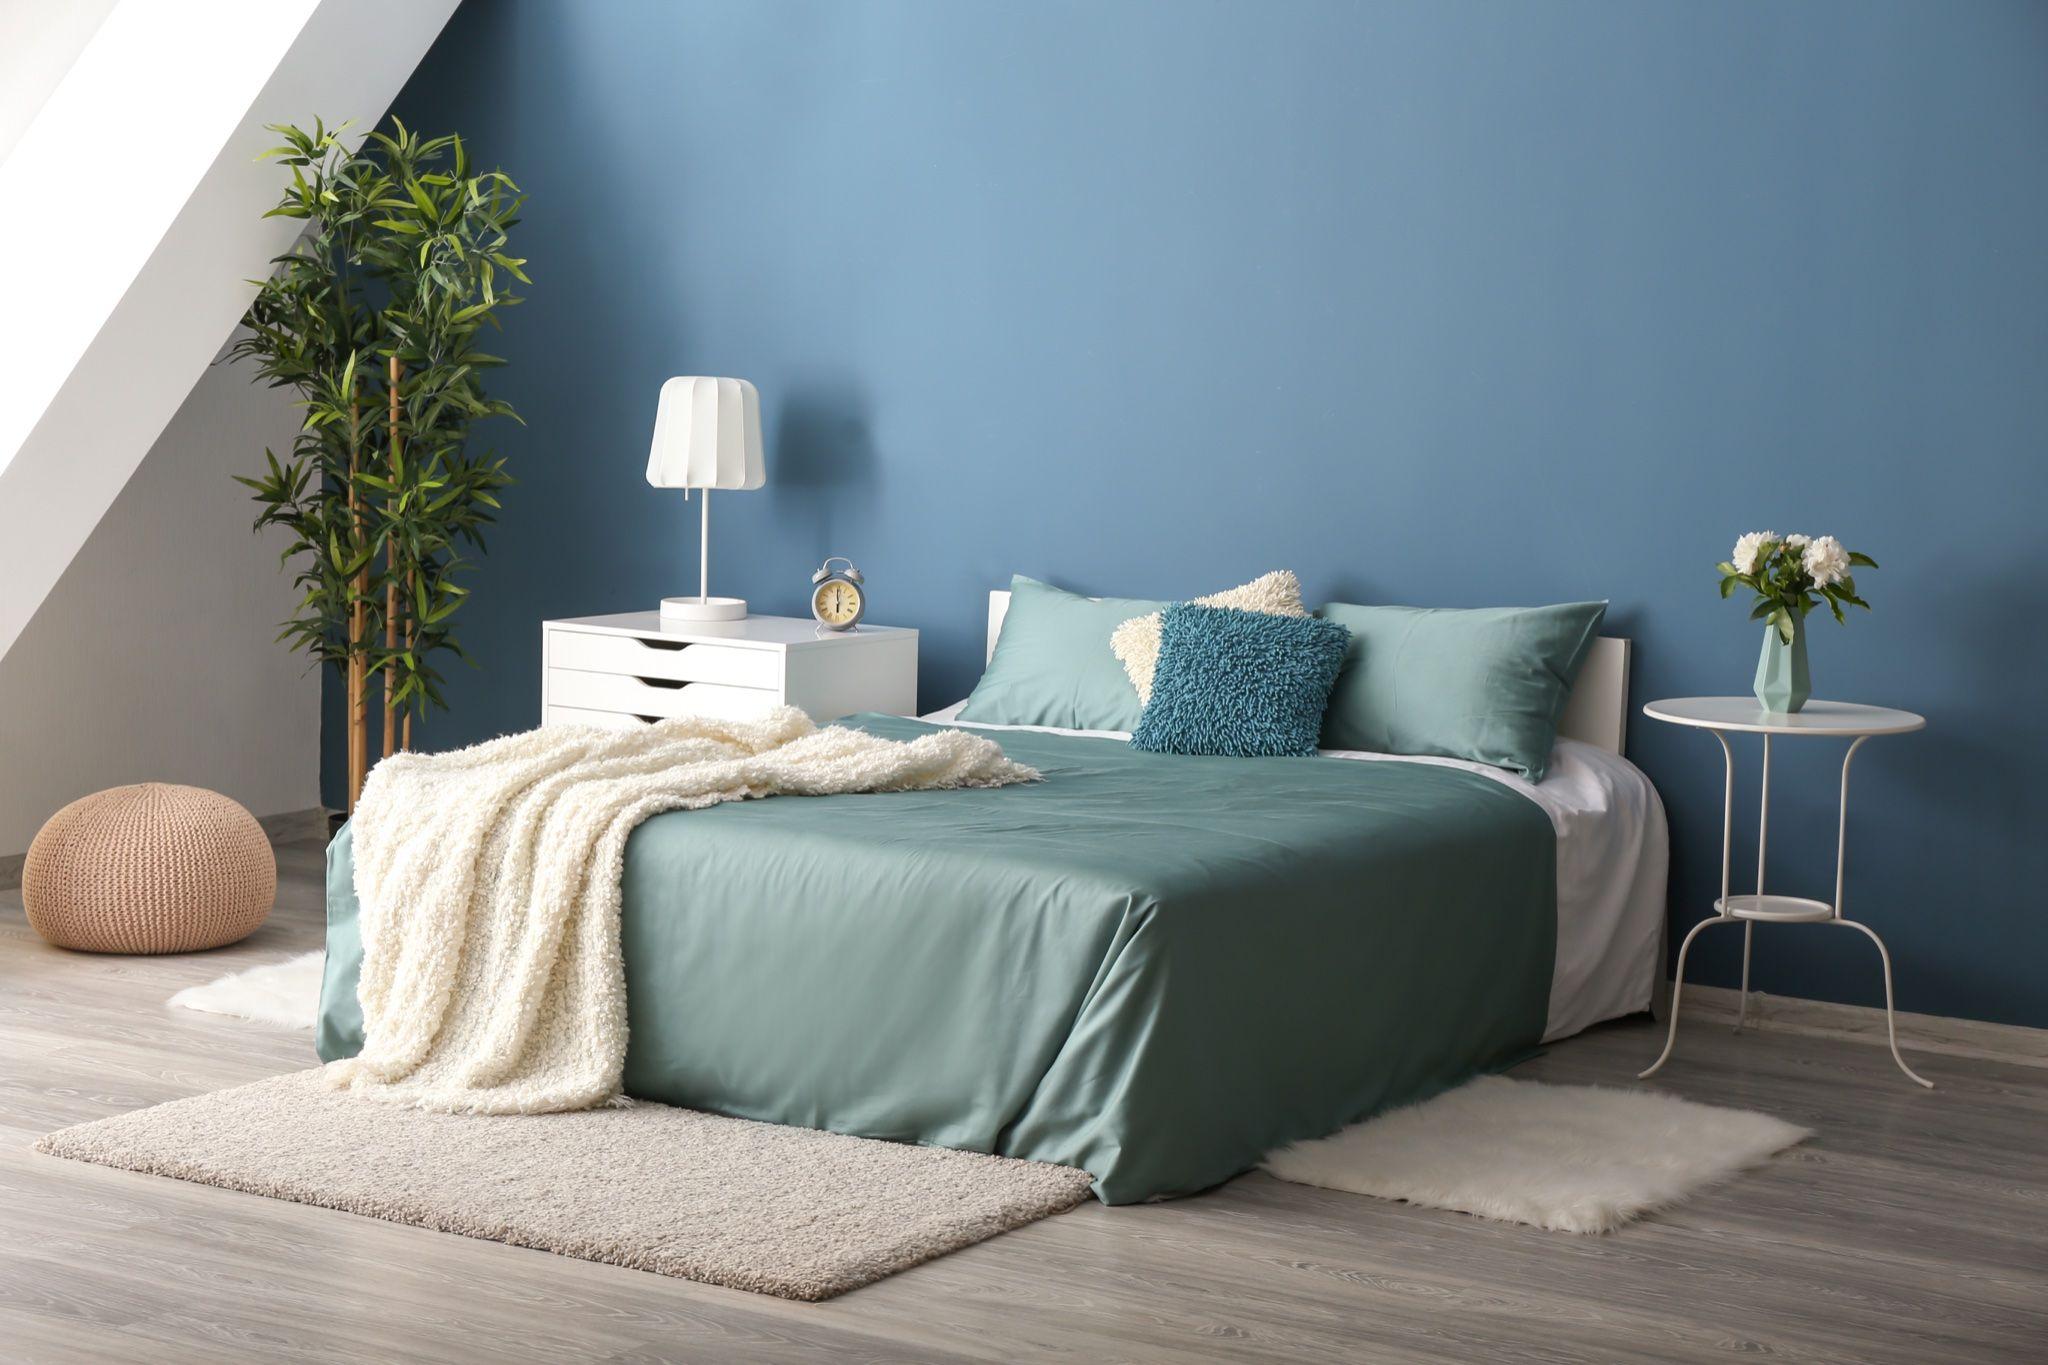 Di quale colore dipingere le pareti della camera da letto? Idee Colori Pareti Camera Da Letto Instapro